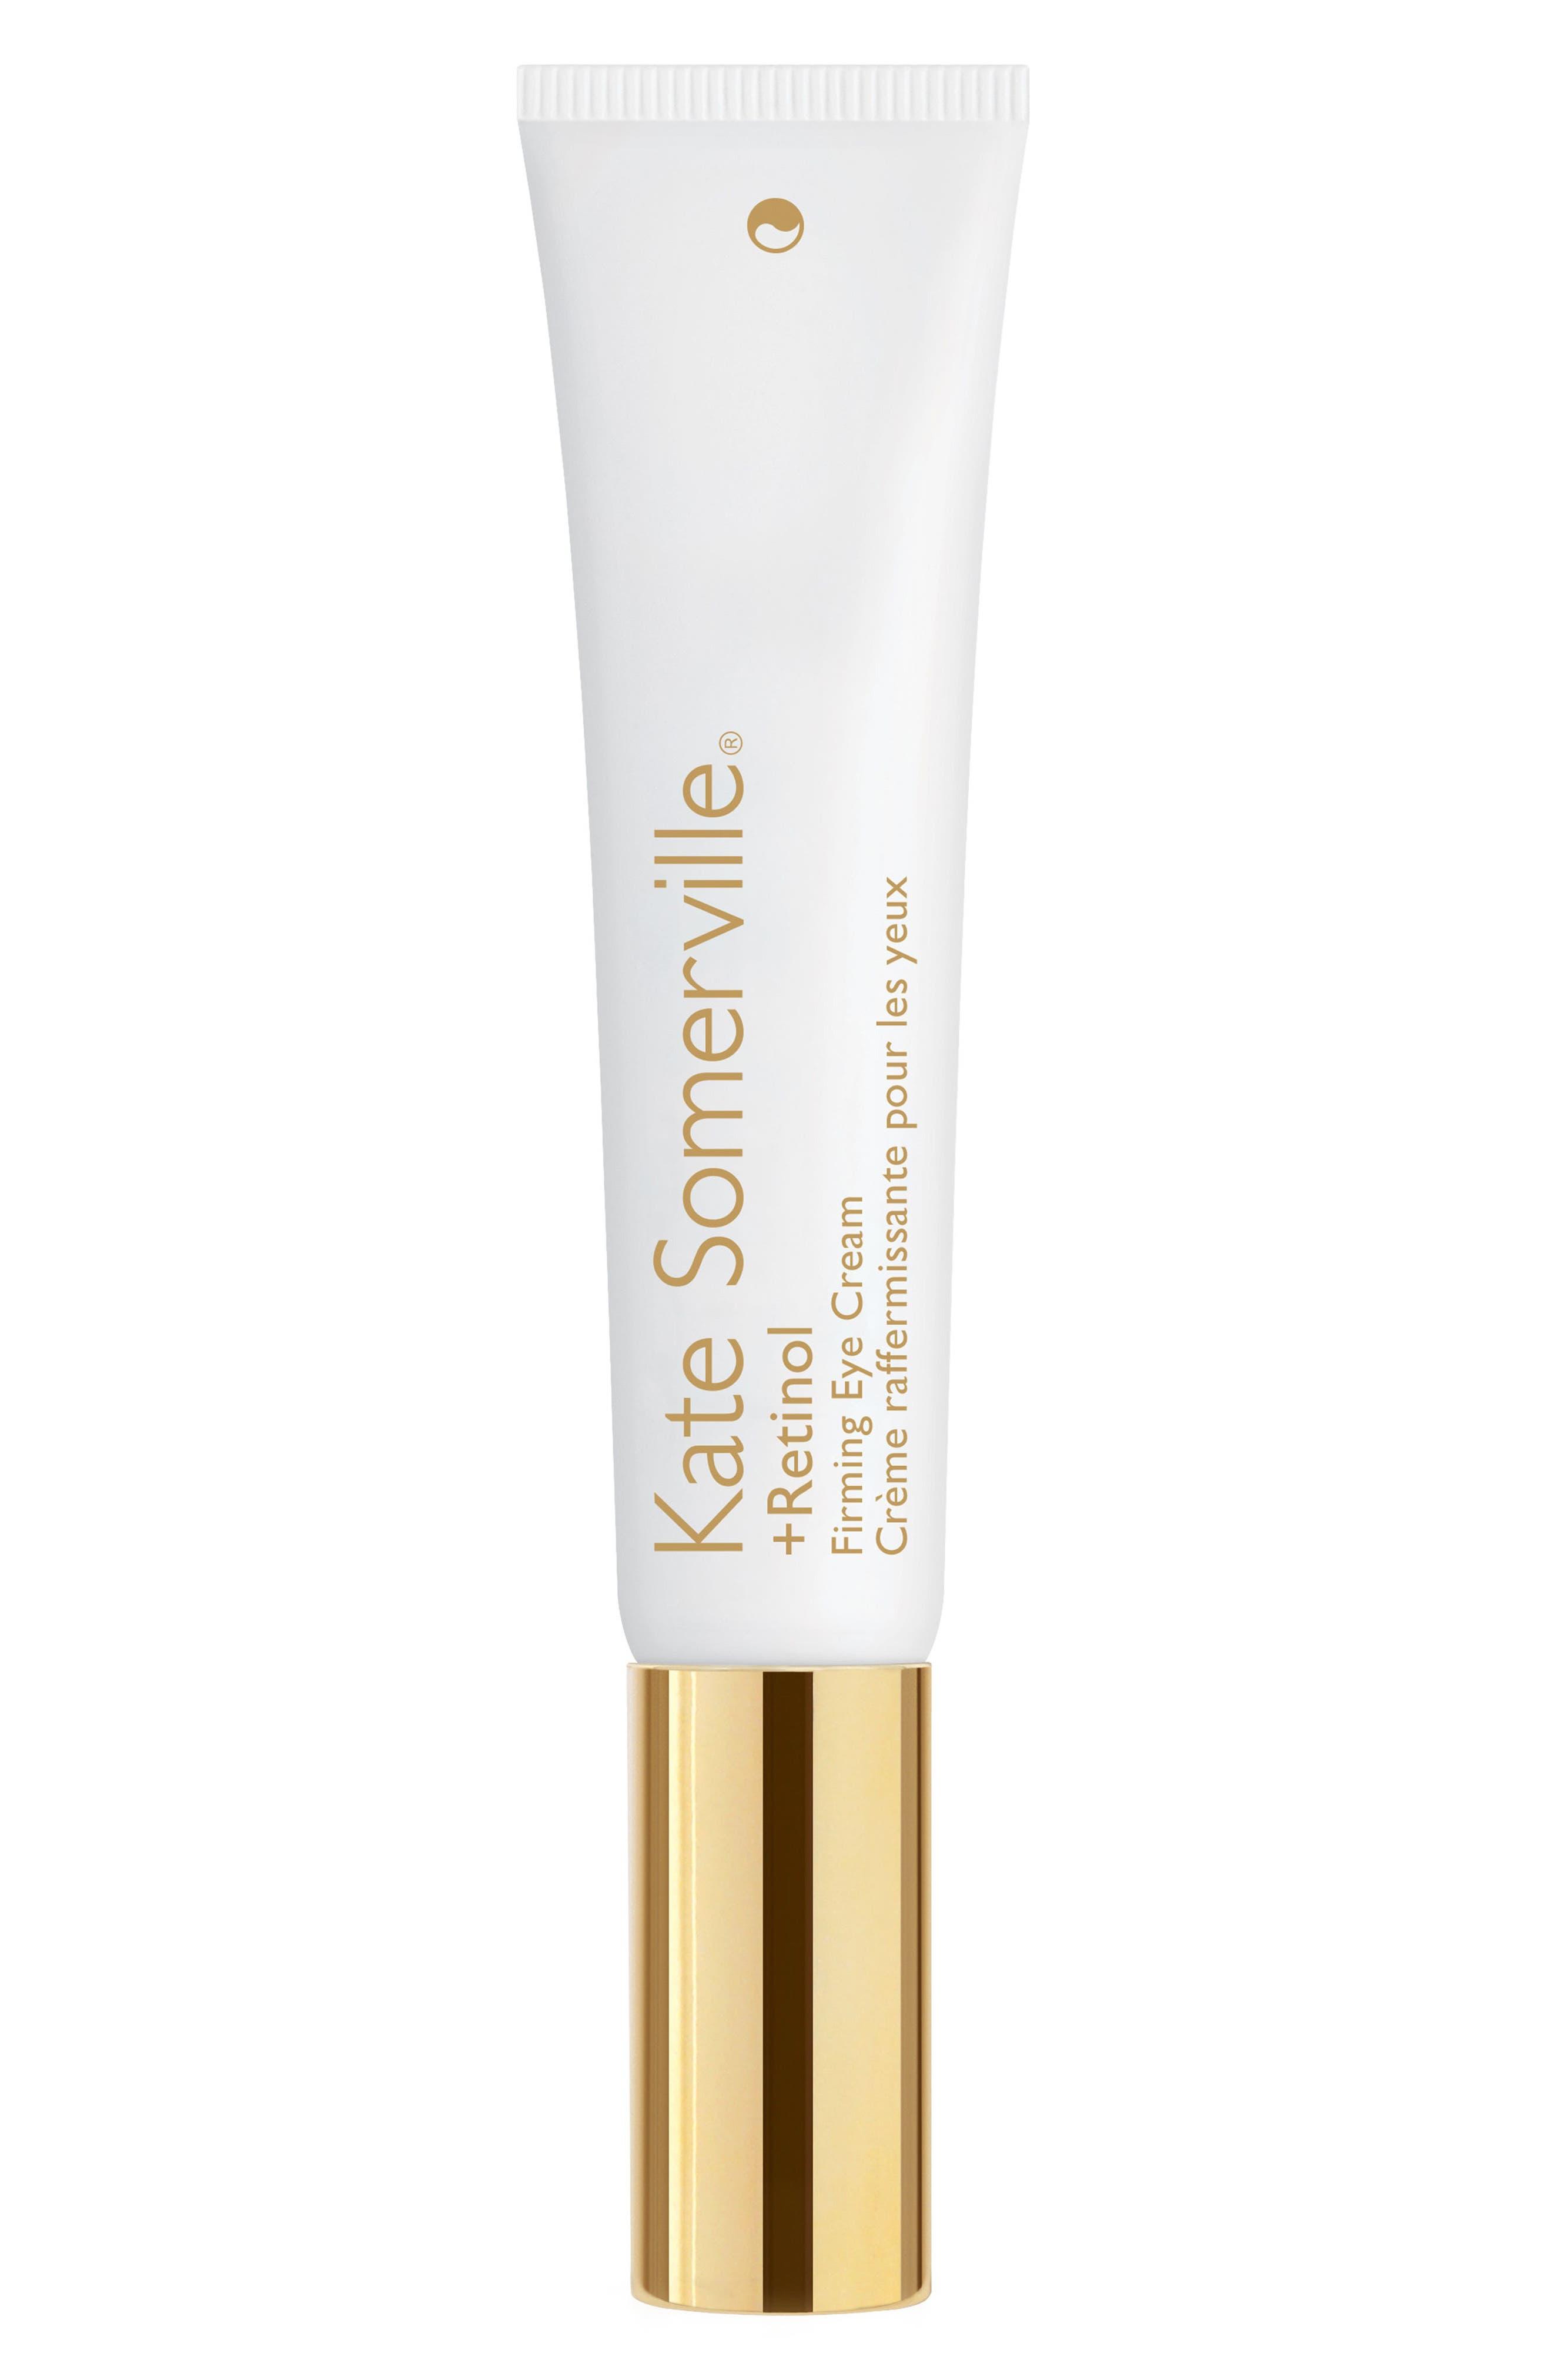 Kate Somerville® +Retinol Firming Eye Cream